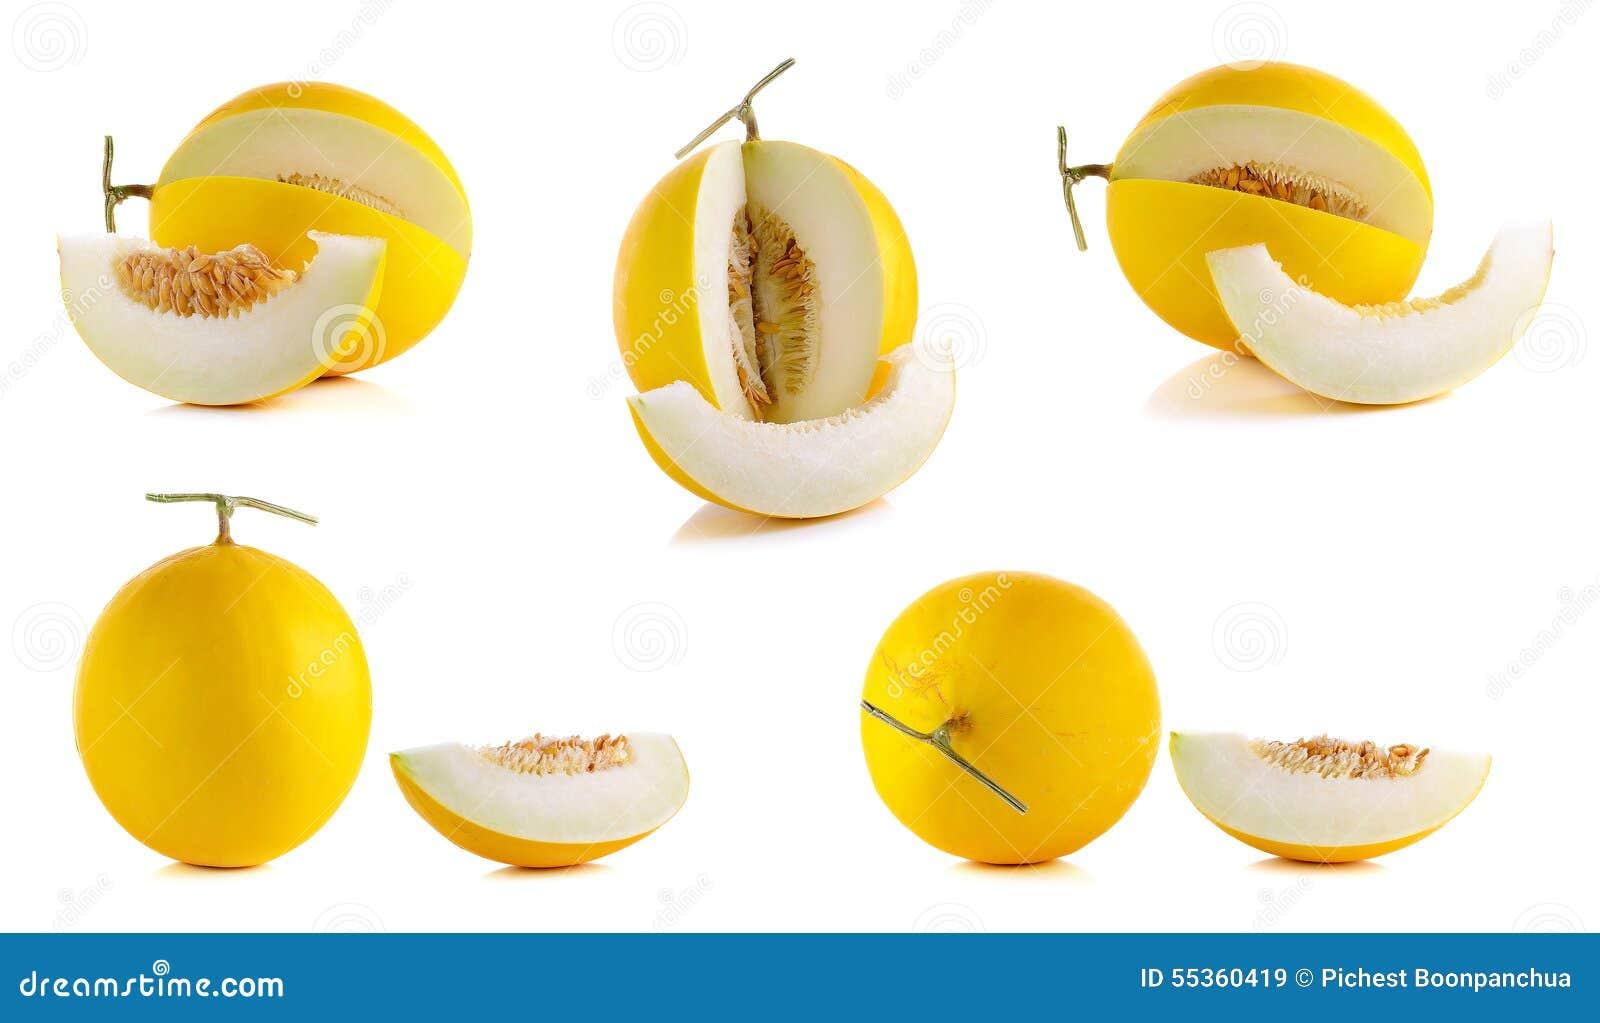 Żółty kantalup odizolowywający na białym tle